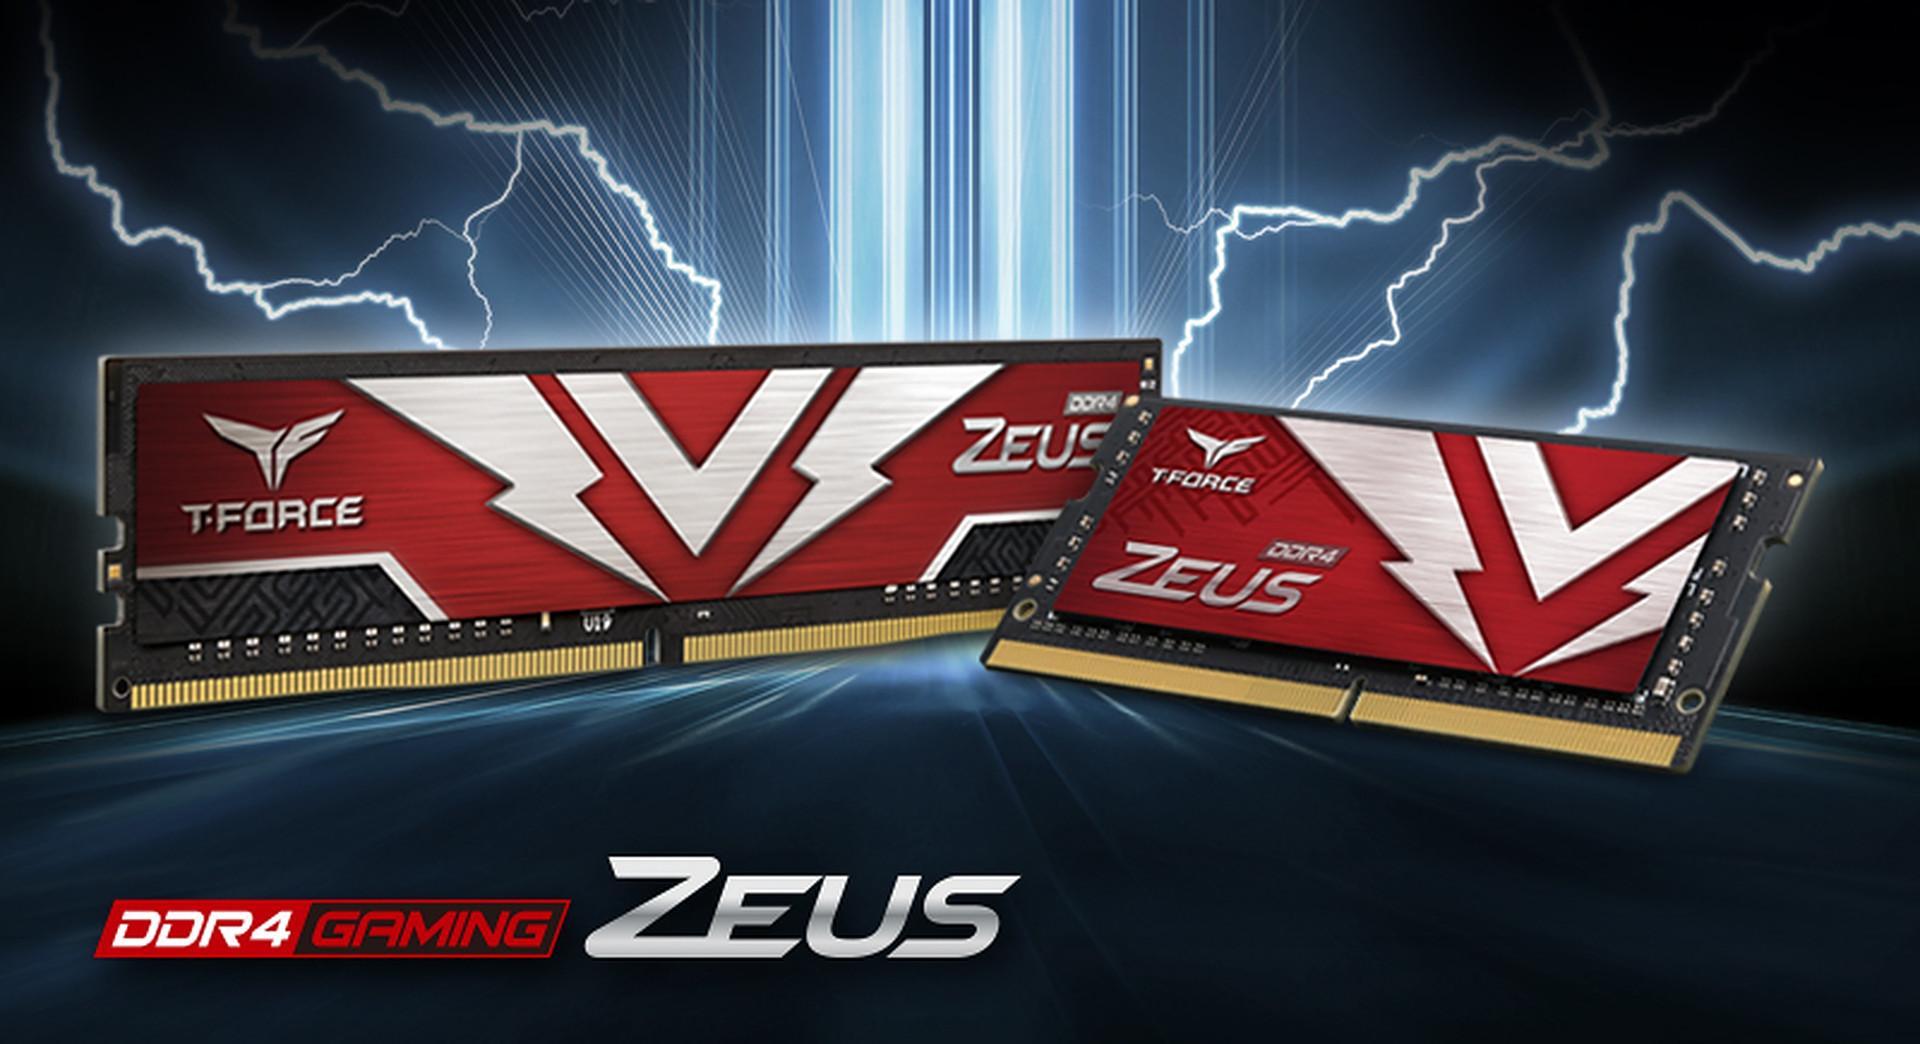 شركة TEAMGROUP تطلق ذاكرة الألعاب T-FORCE ZEUS DDR4 بنسختيها